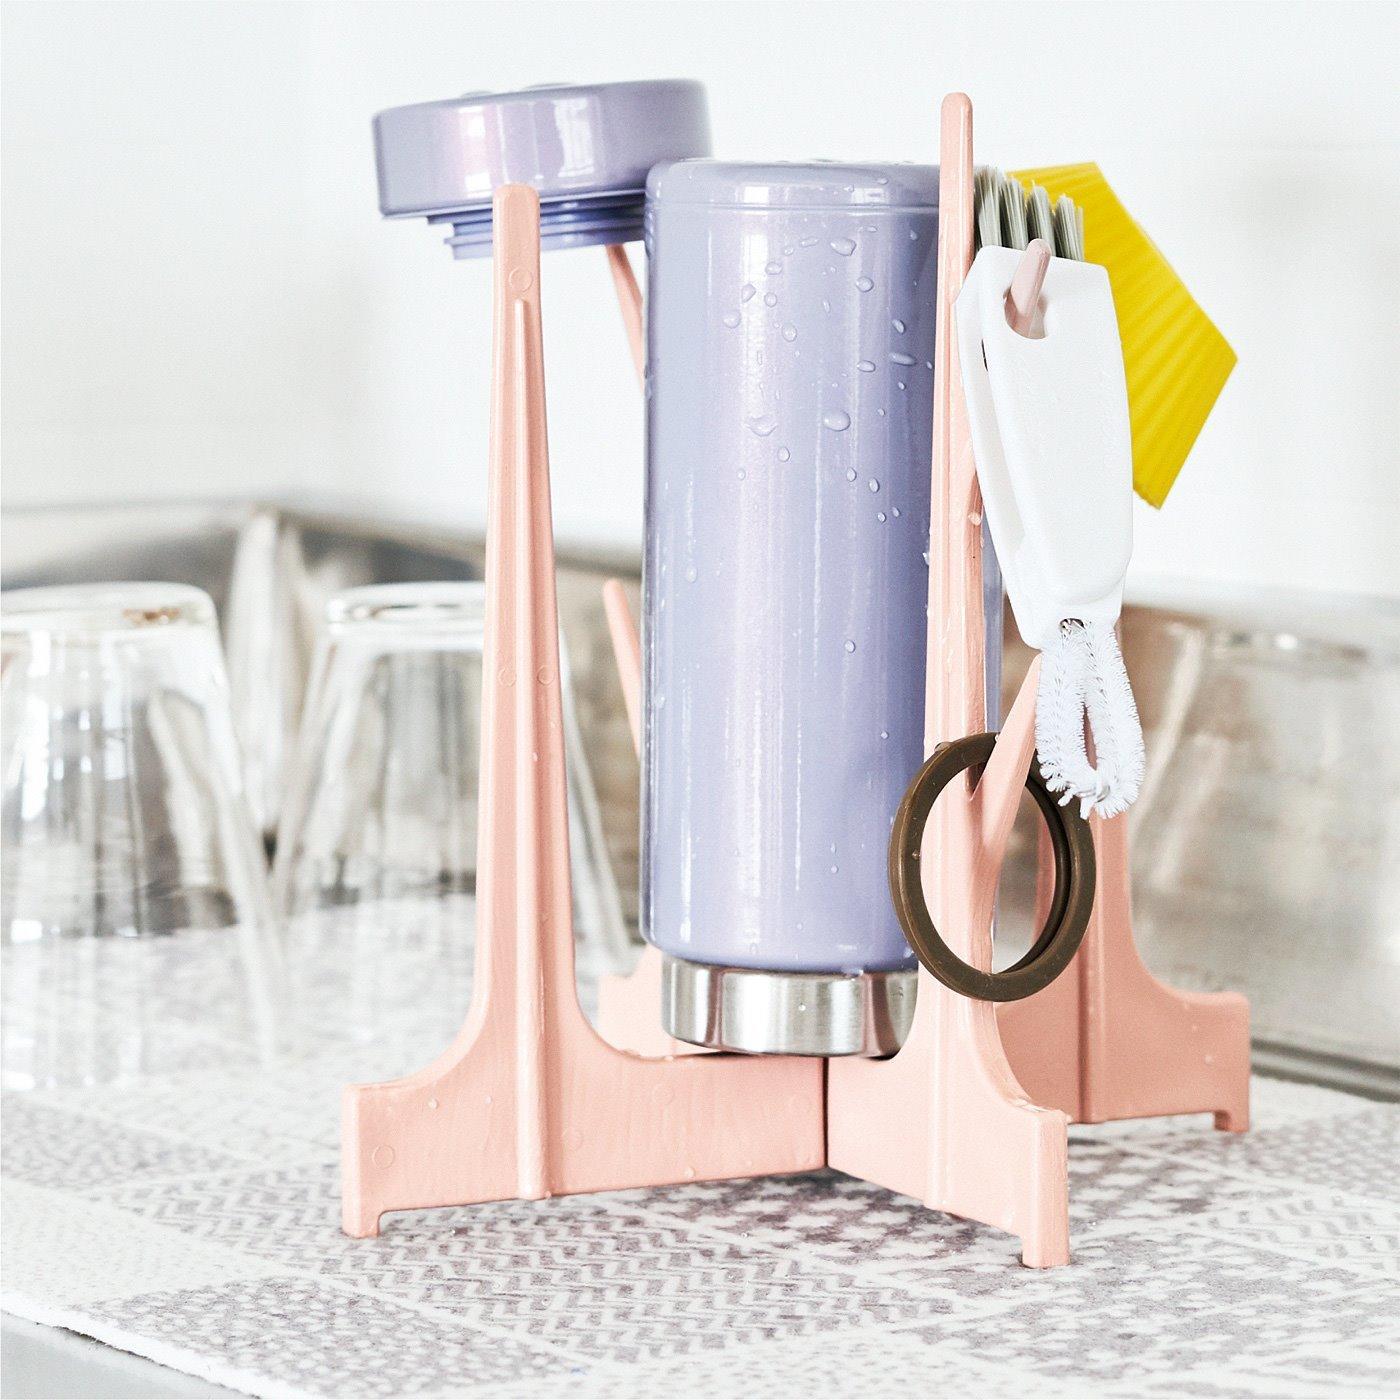 水筒水きりスタンド&水筒すき間洗いブラシセット